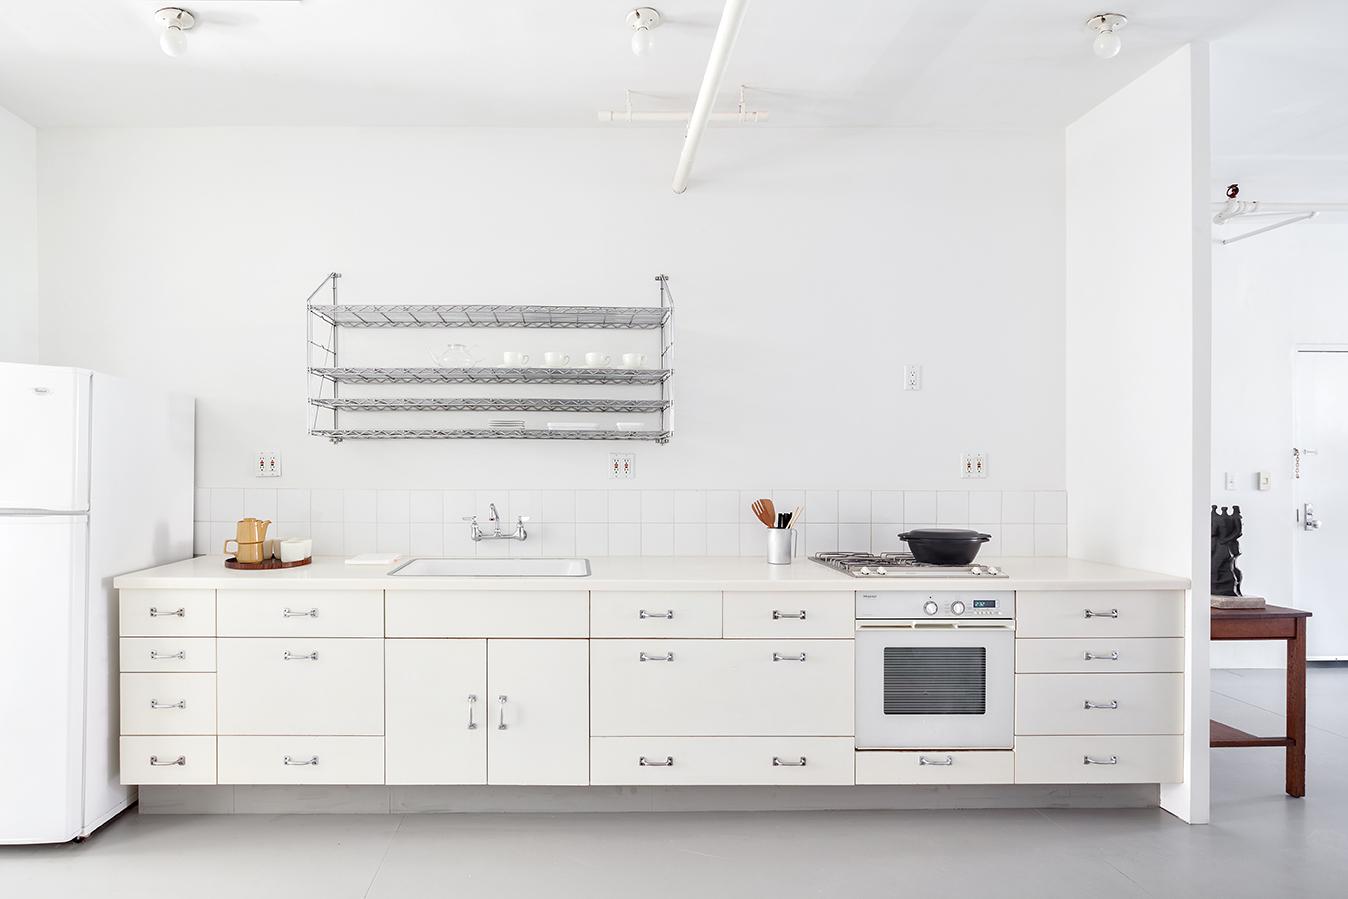 432 East 10th Street, kitchen, co-op